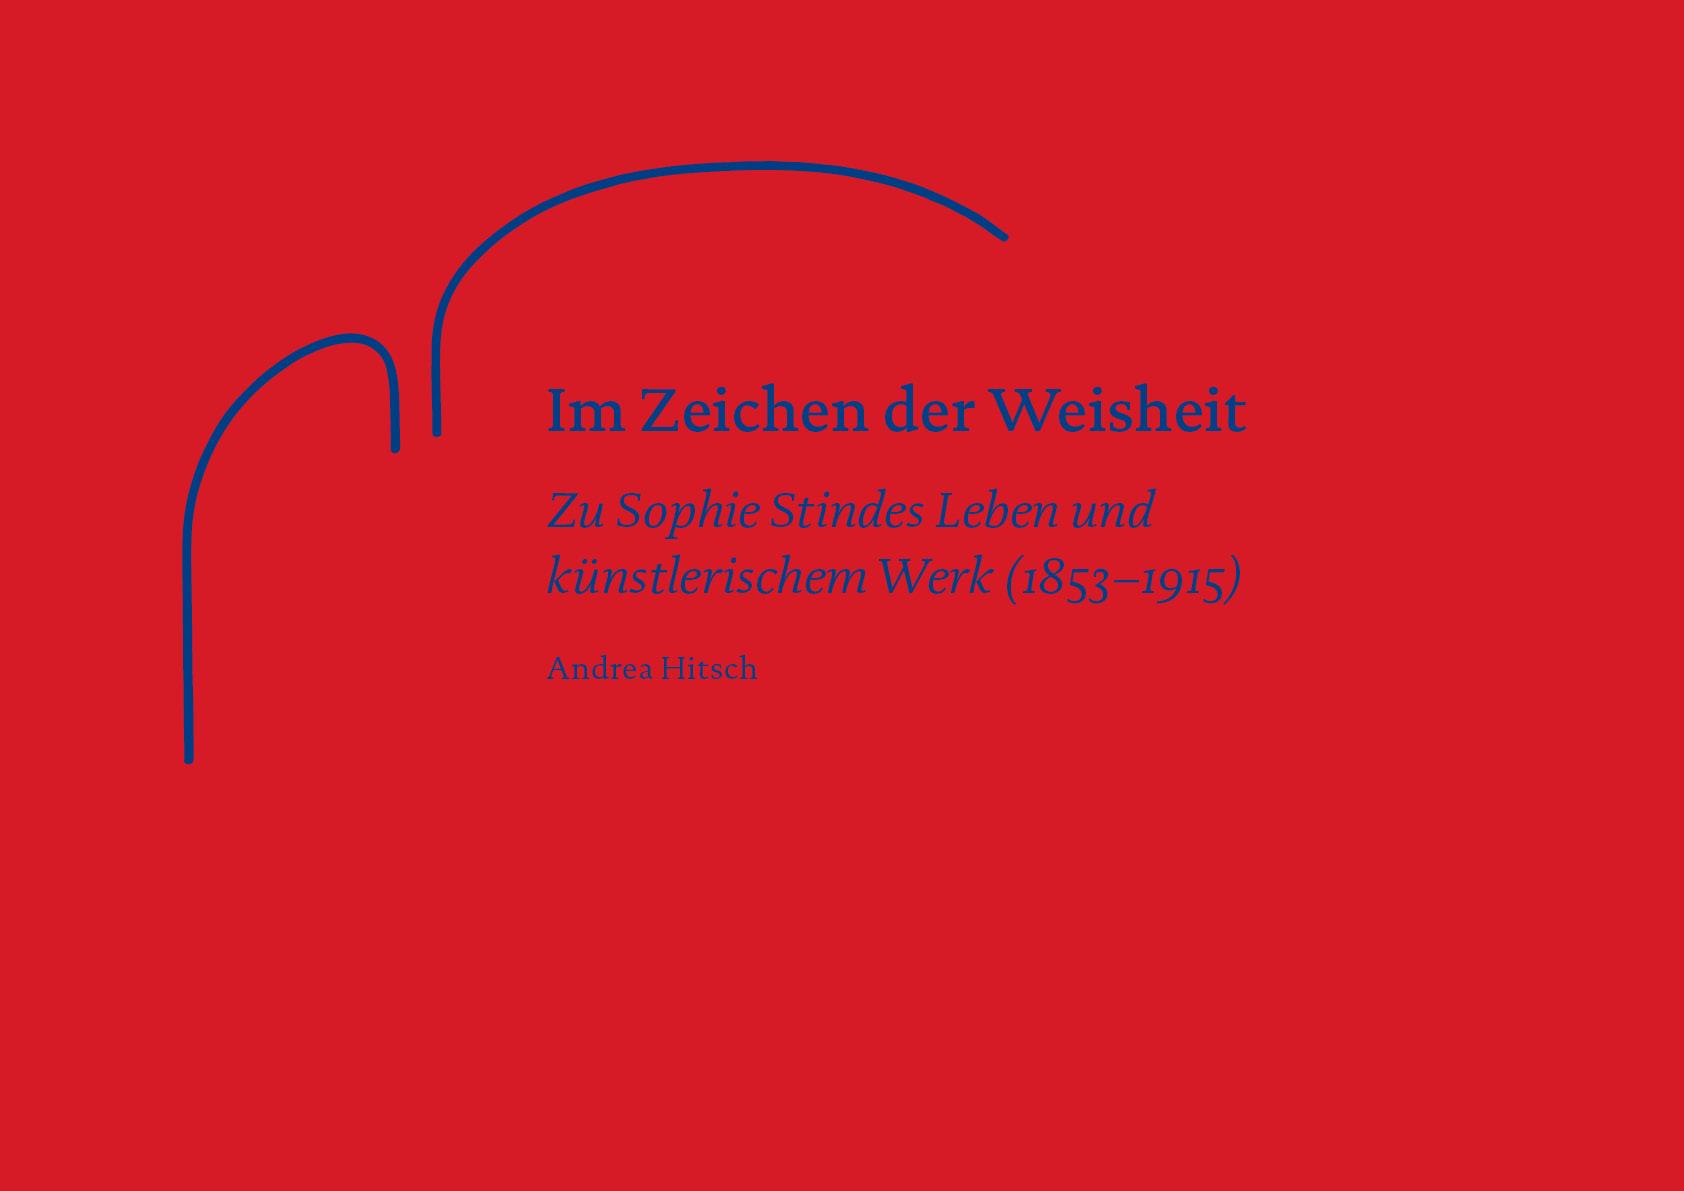 Buchcover «Im Zeichen der Weisheit», herausgegeben von der Wohnbaugenossenschaft Sophie Stinde